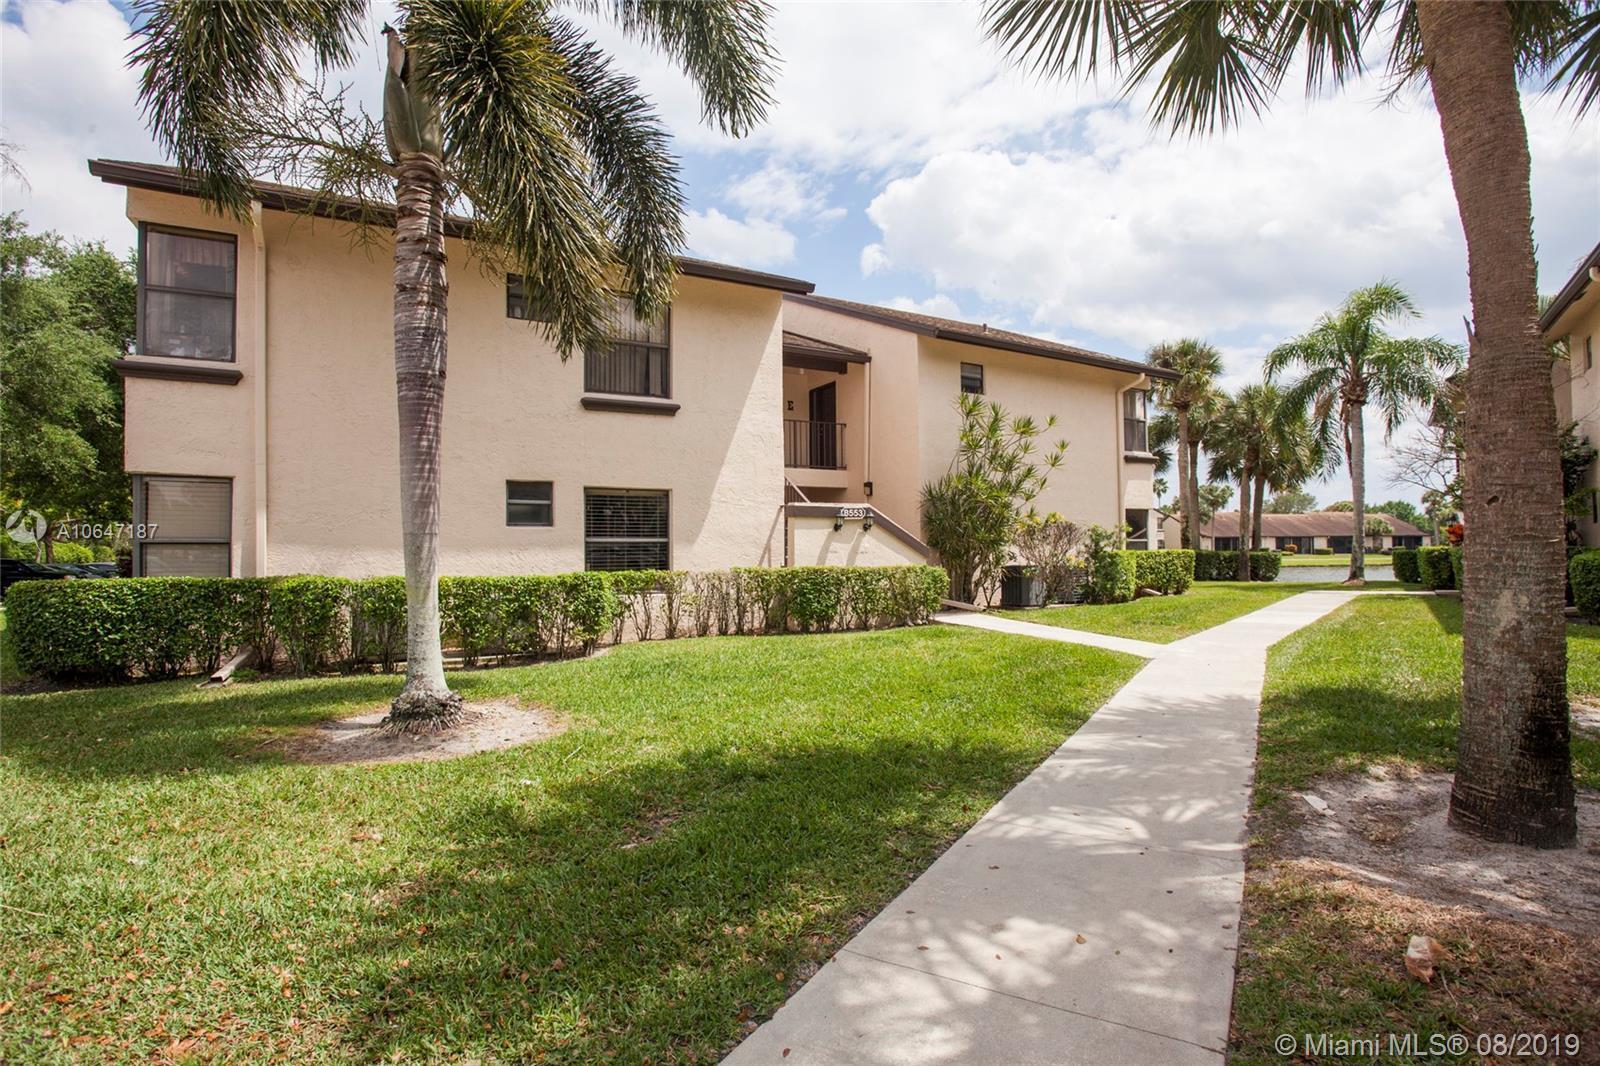 8553 Boca Glades Blvd W Unit: B photo